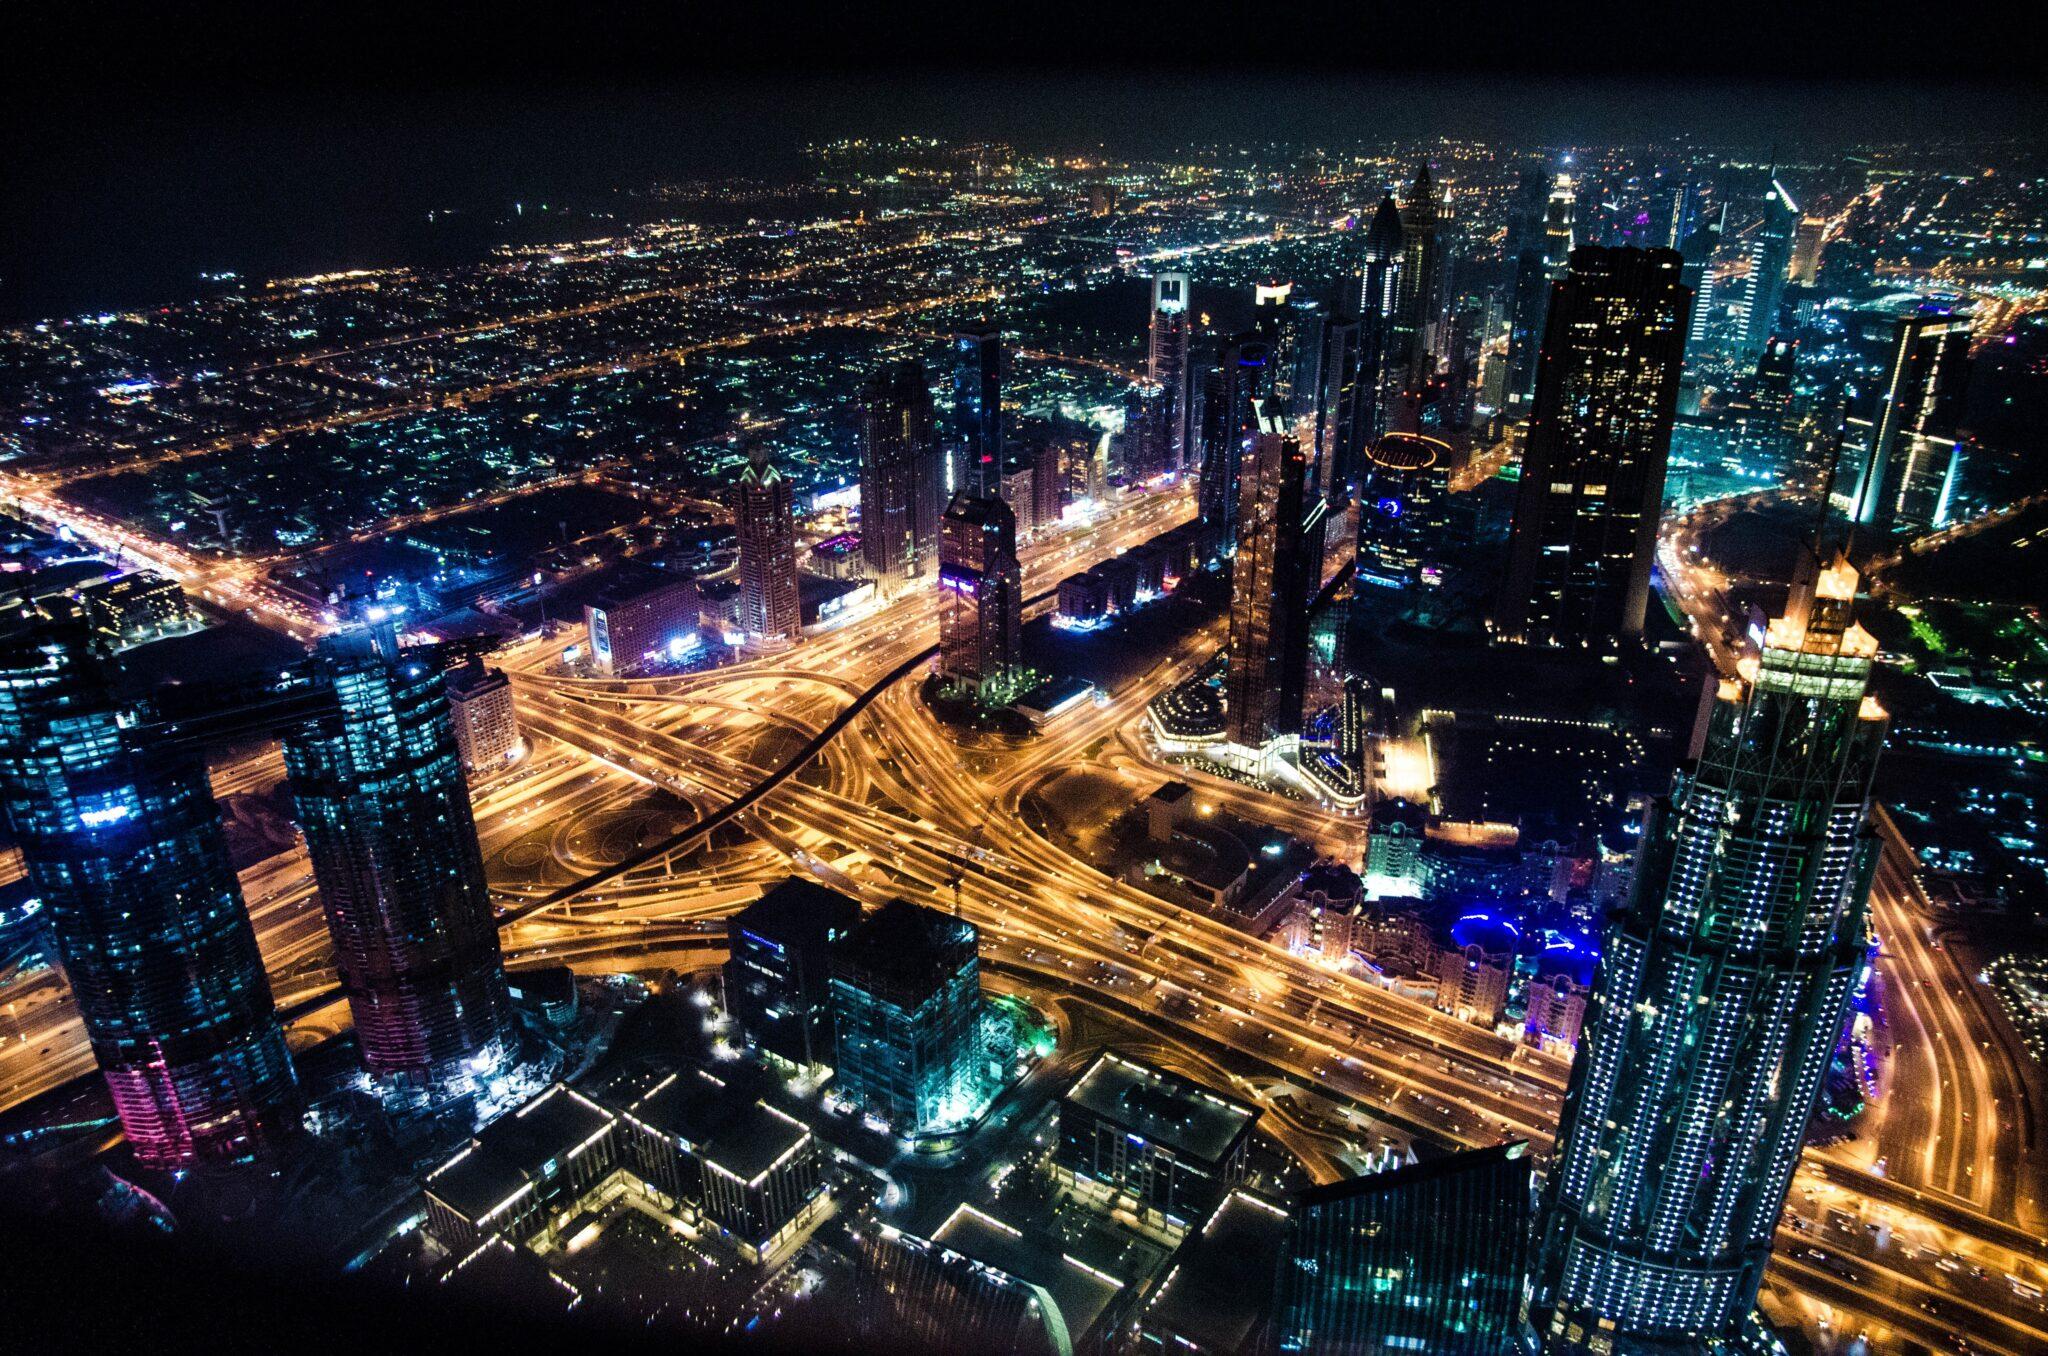 Teicos UE Smart City